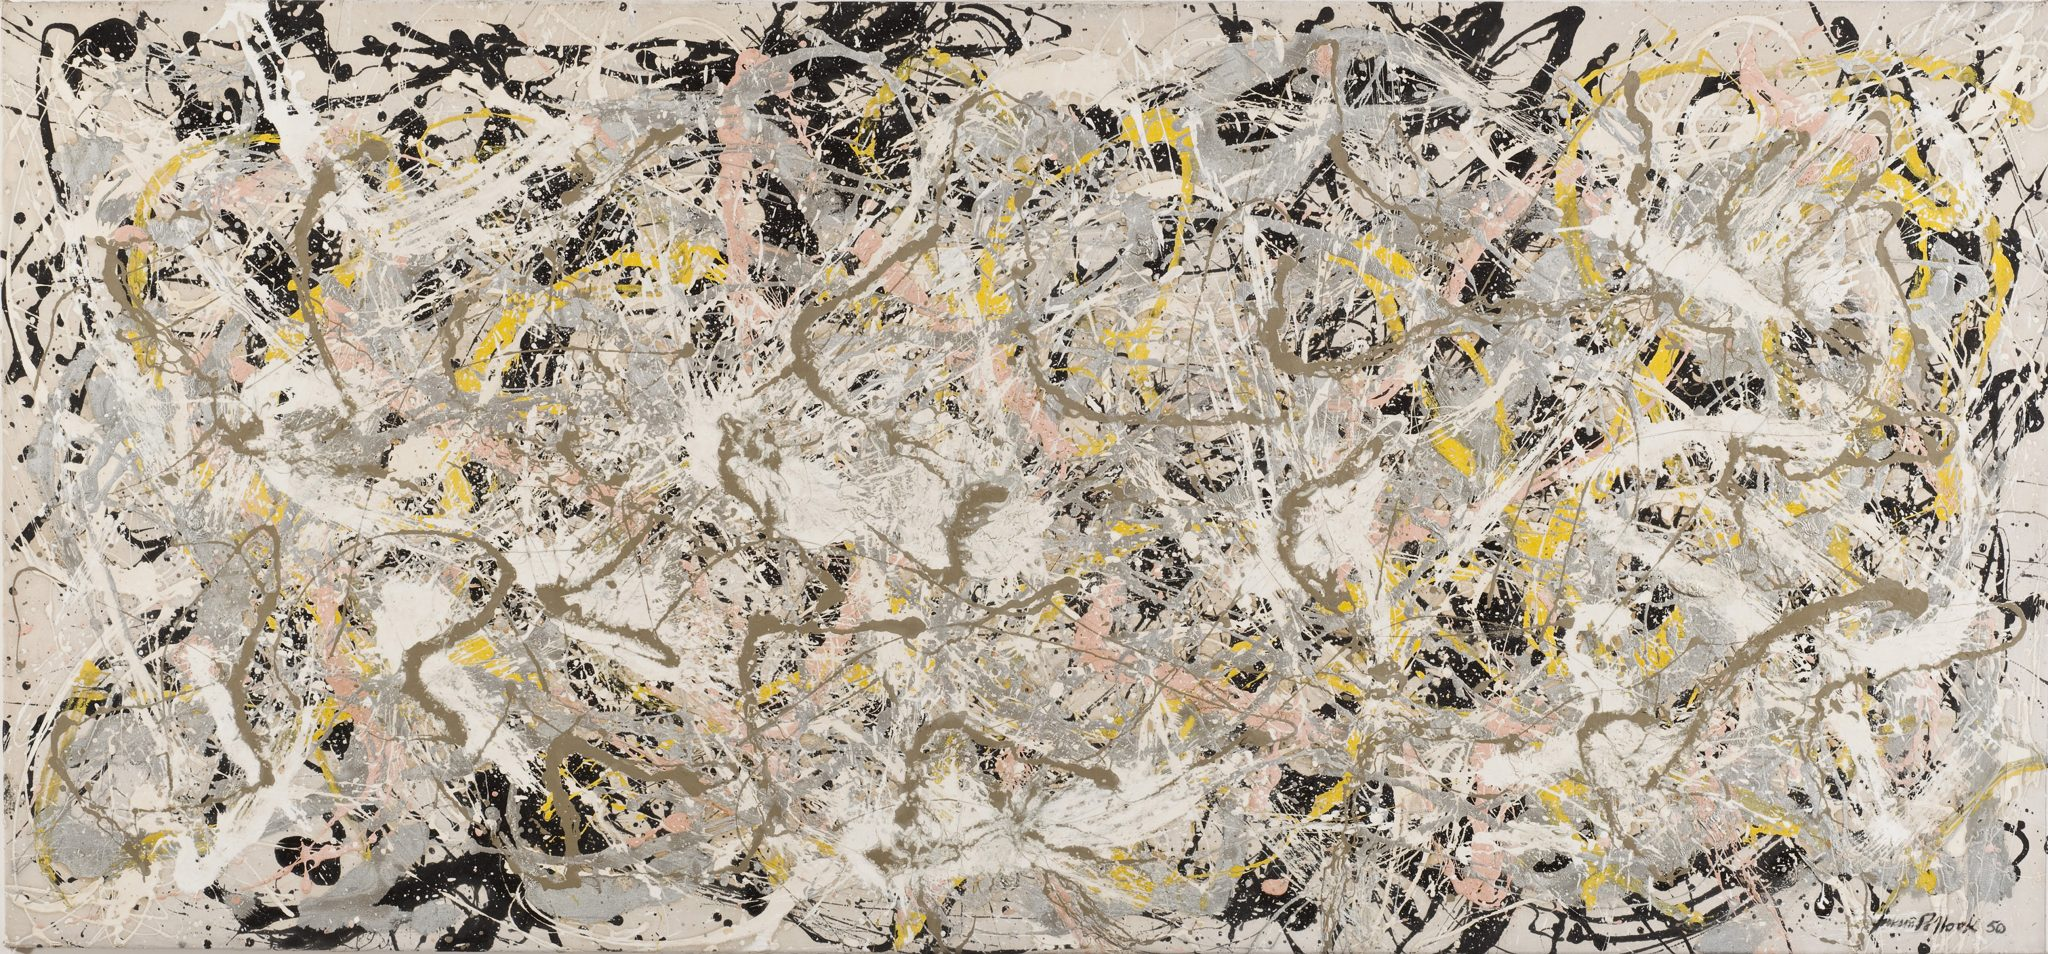 ROMA Jackson Pollock Number 27, 1950 Olio, smalto e pittura di alluminio su tela, 124,6x269,4 cm © Jackson Pollock by SIAE 2018 © Whitney Museum of American Art